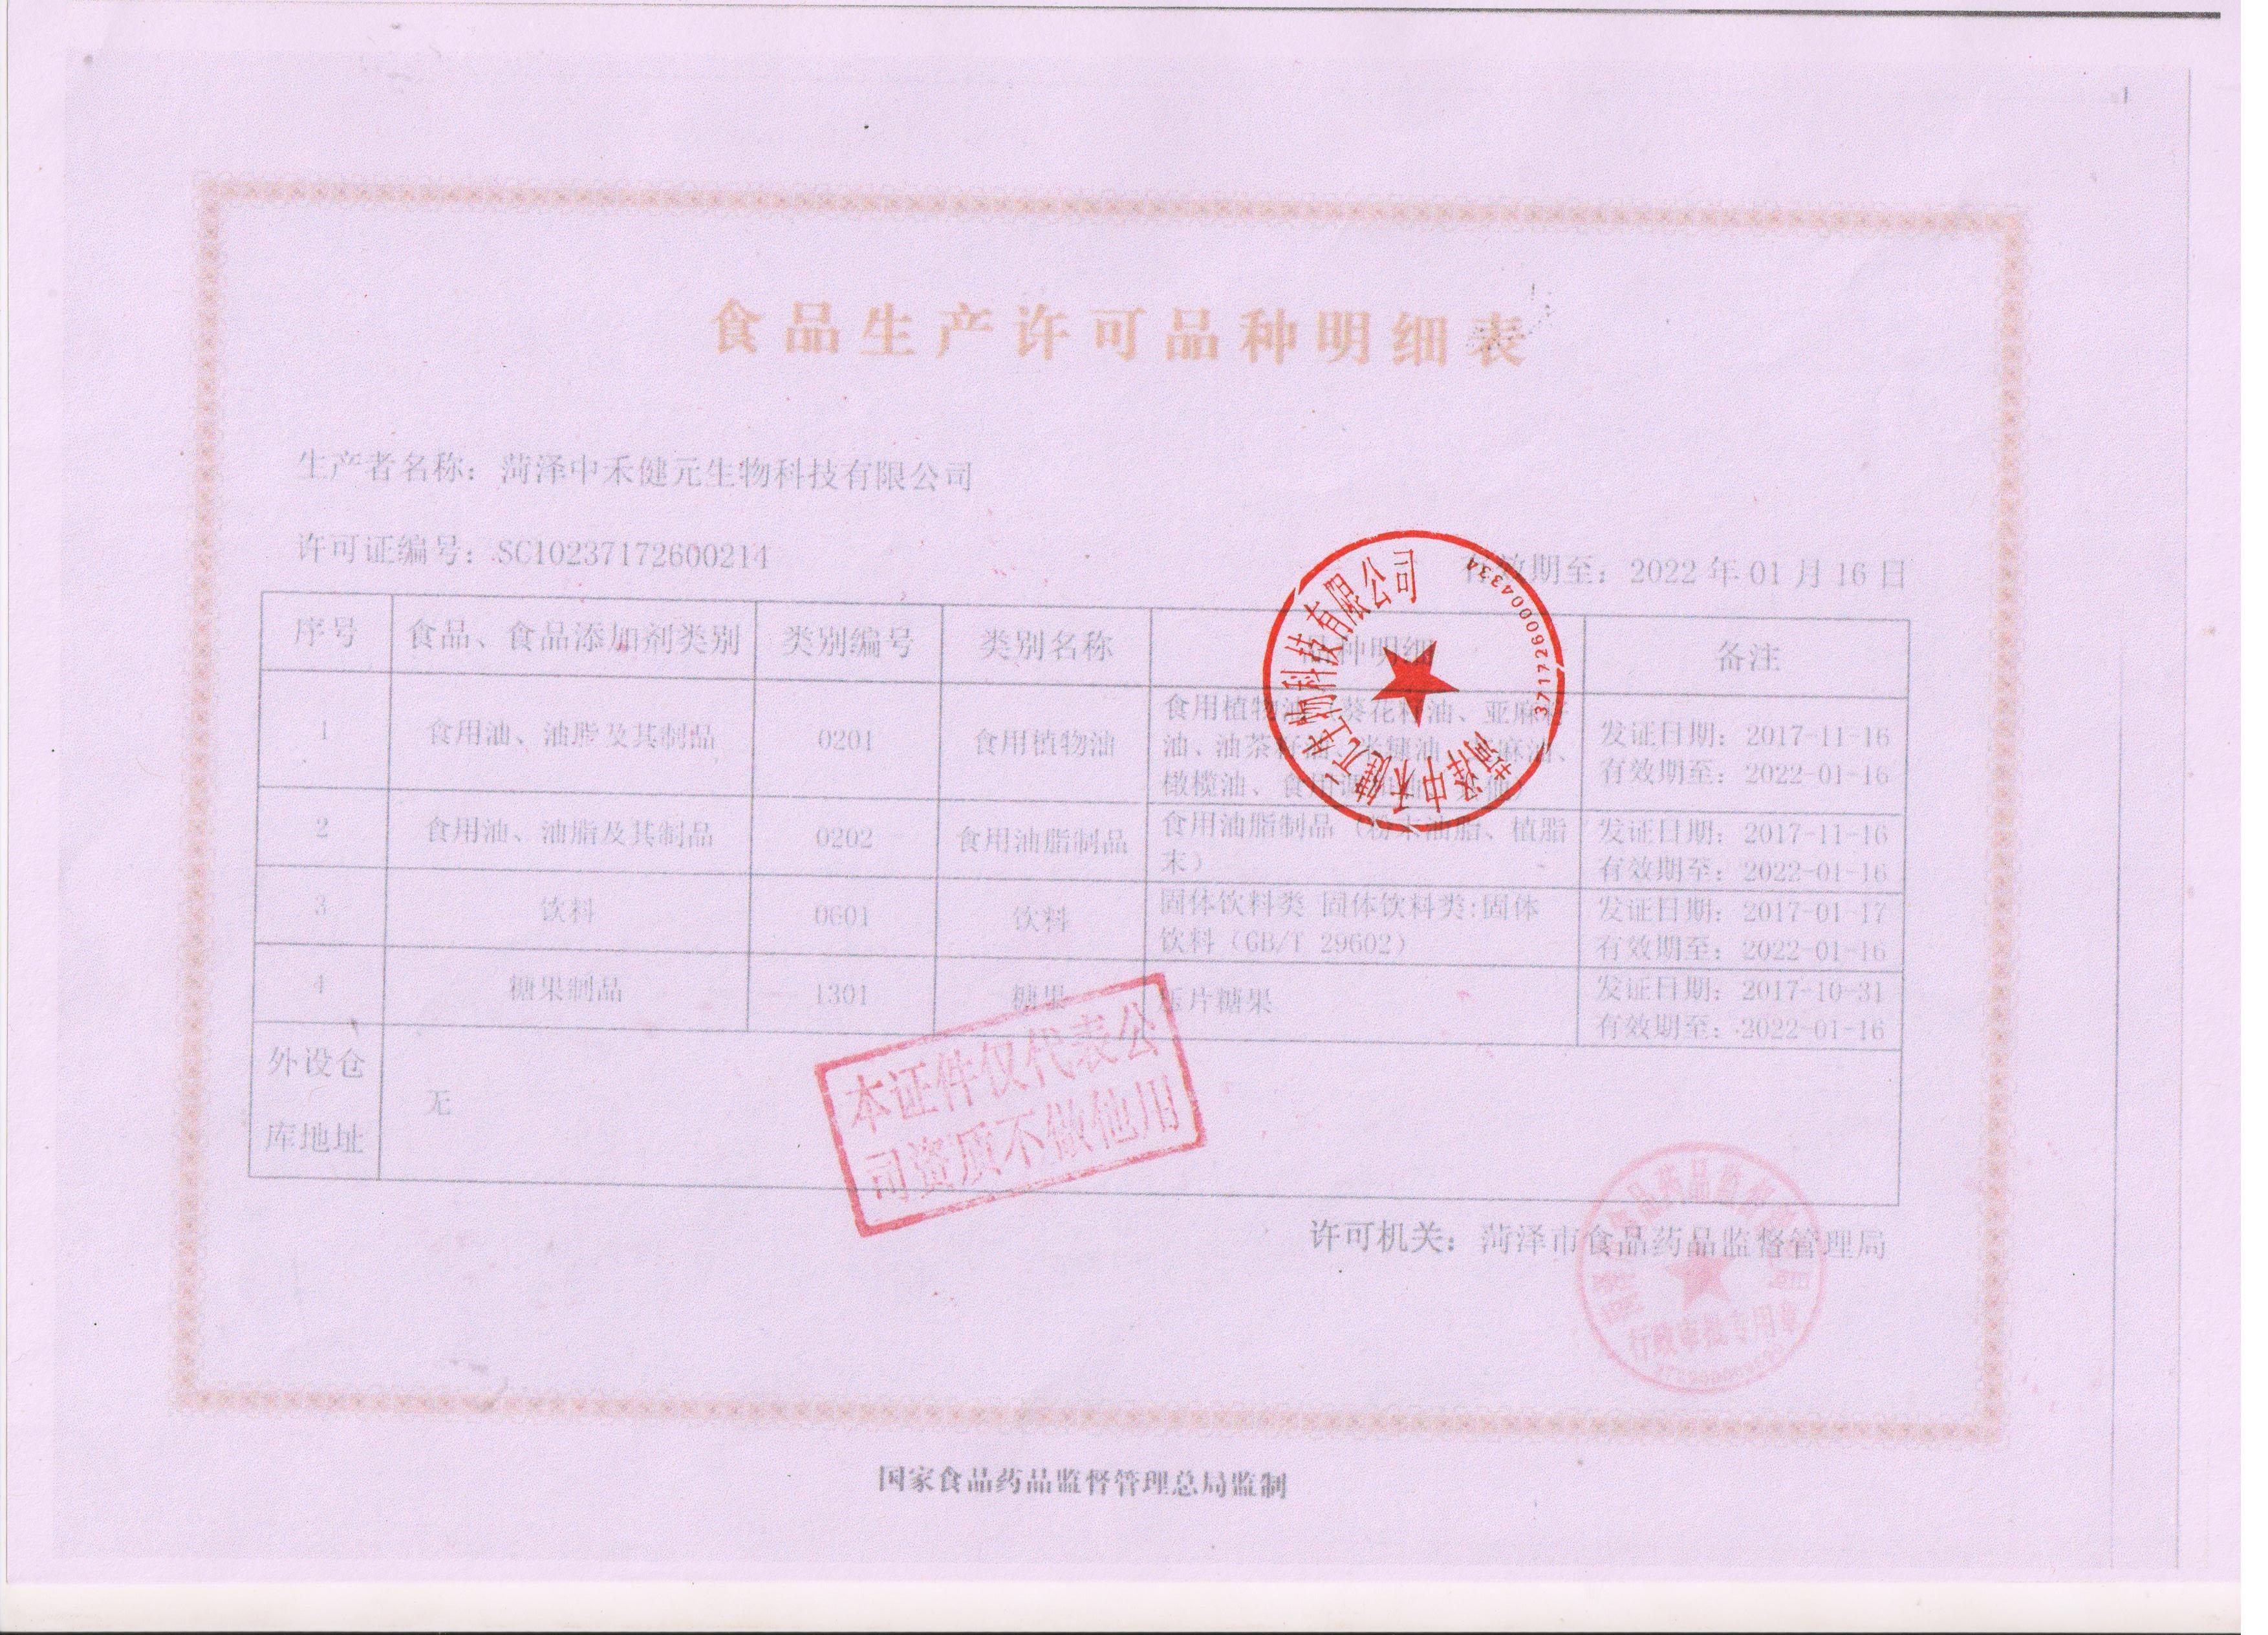 新油道資質:菏澤油廠食品生產許可證